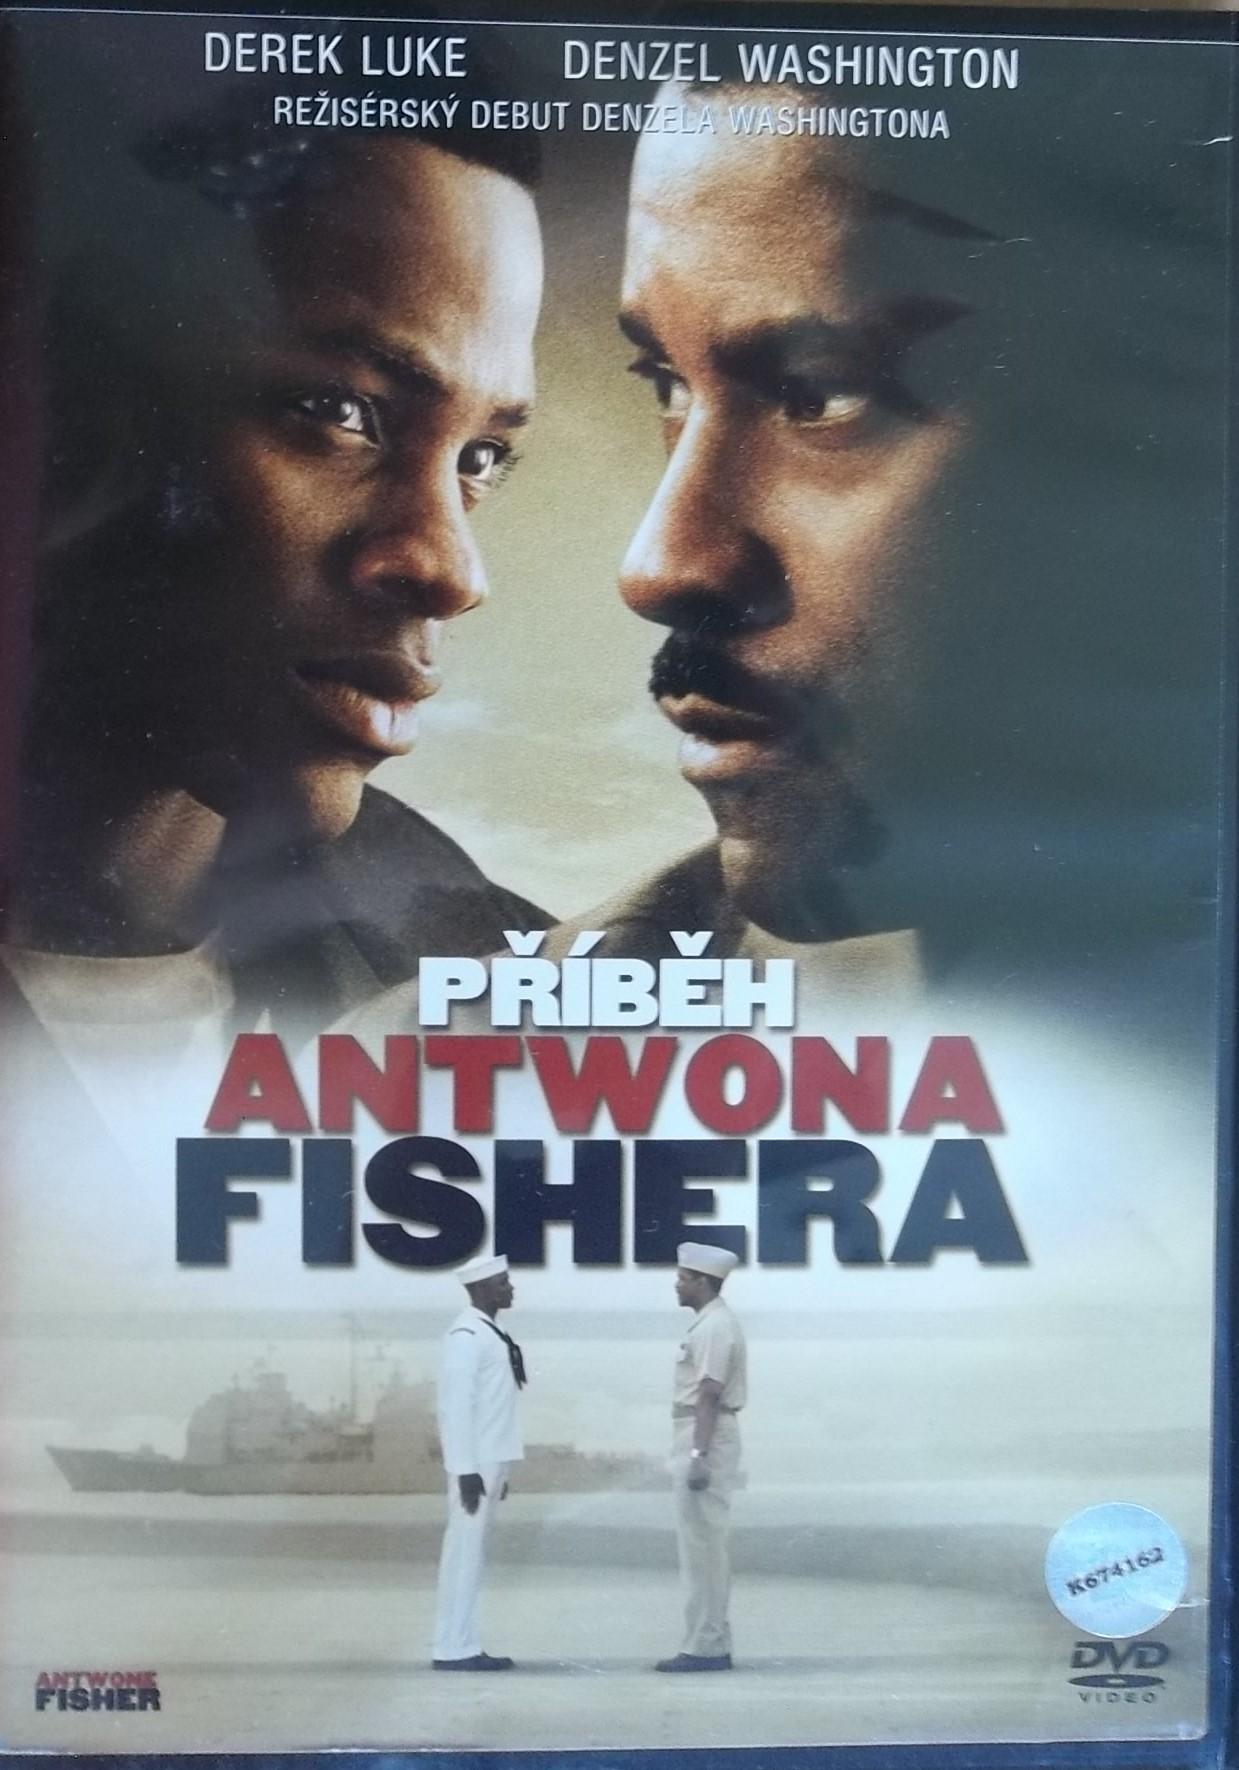 Příběh Antwona Fishera (bazarové zboží) DVD